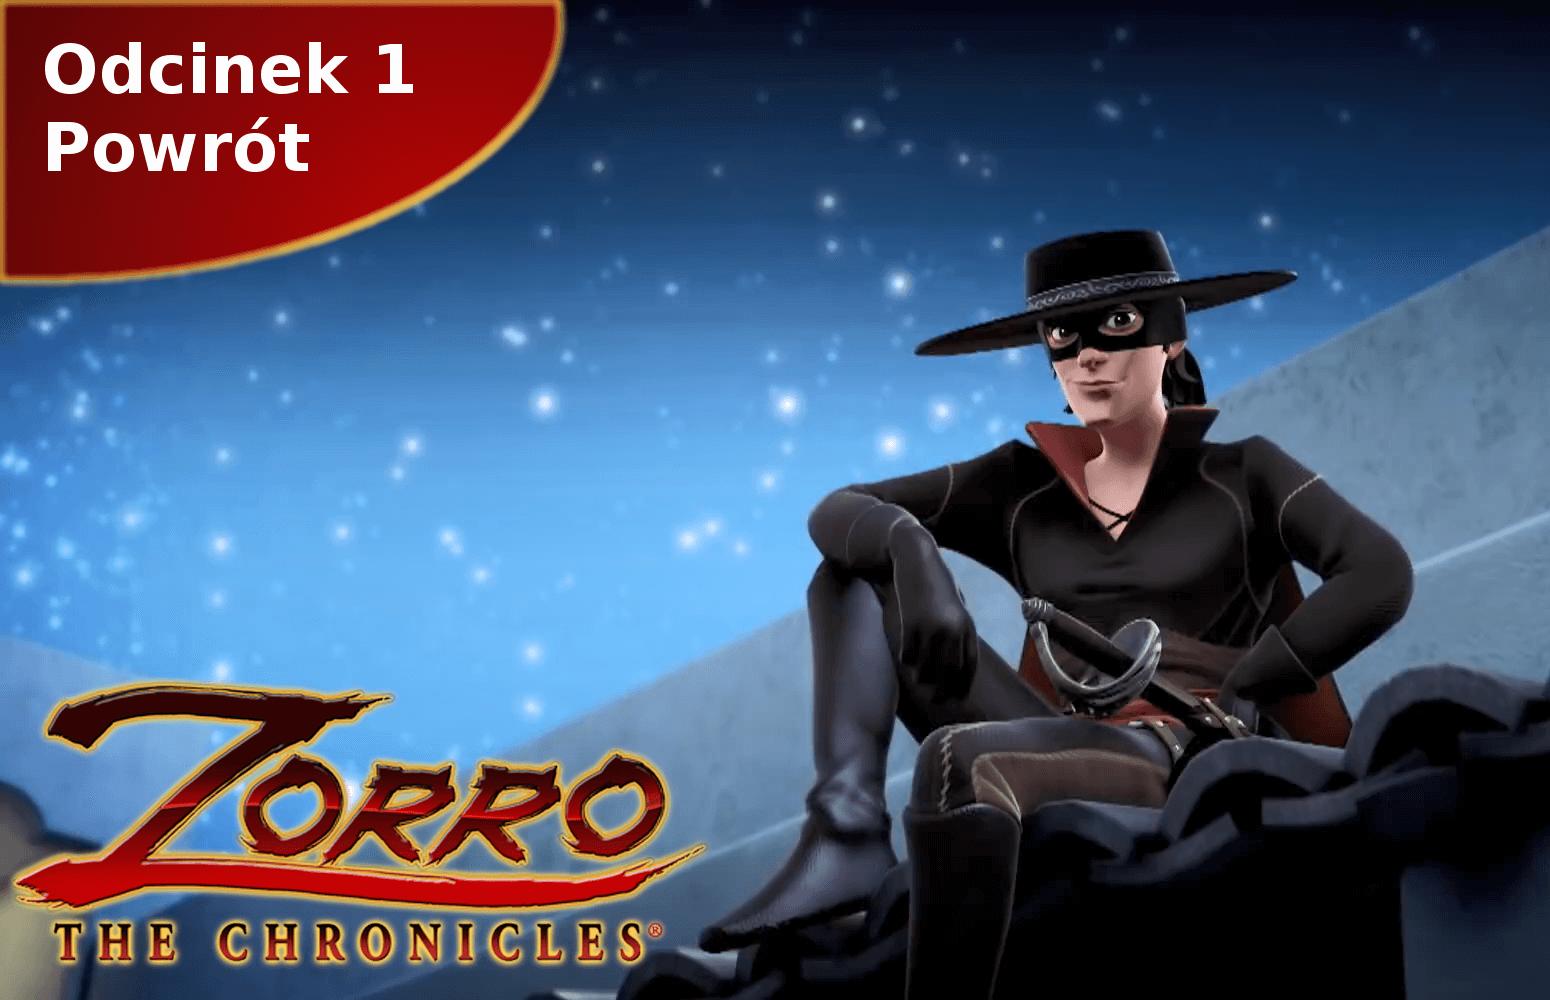 Kroniki Zorro odcinek 1 Powrót